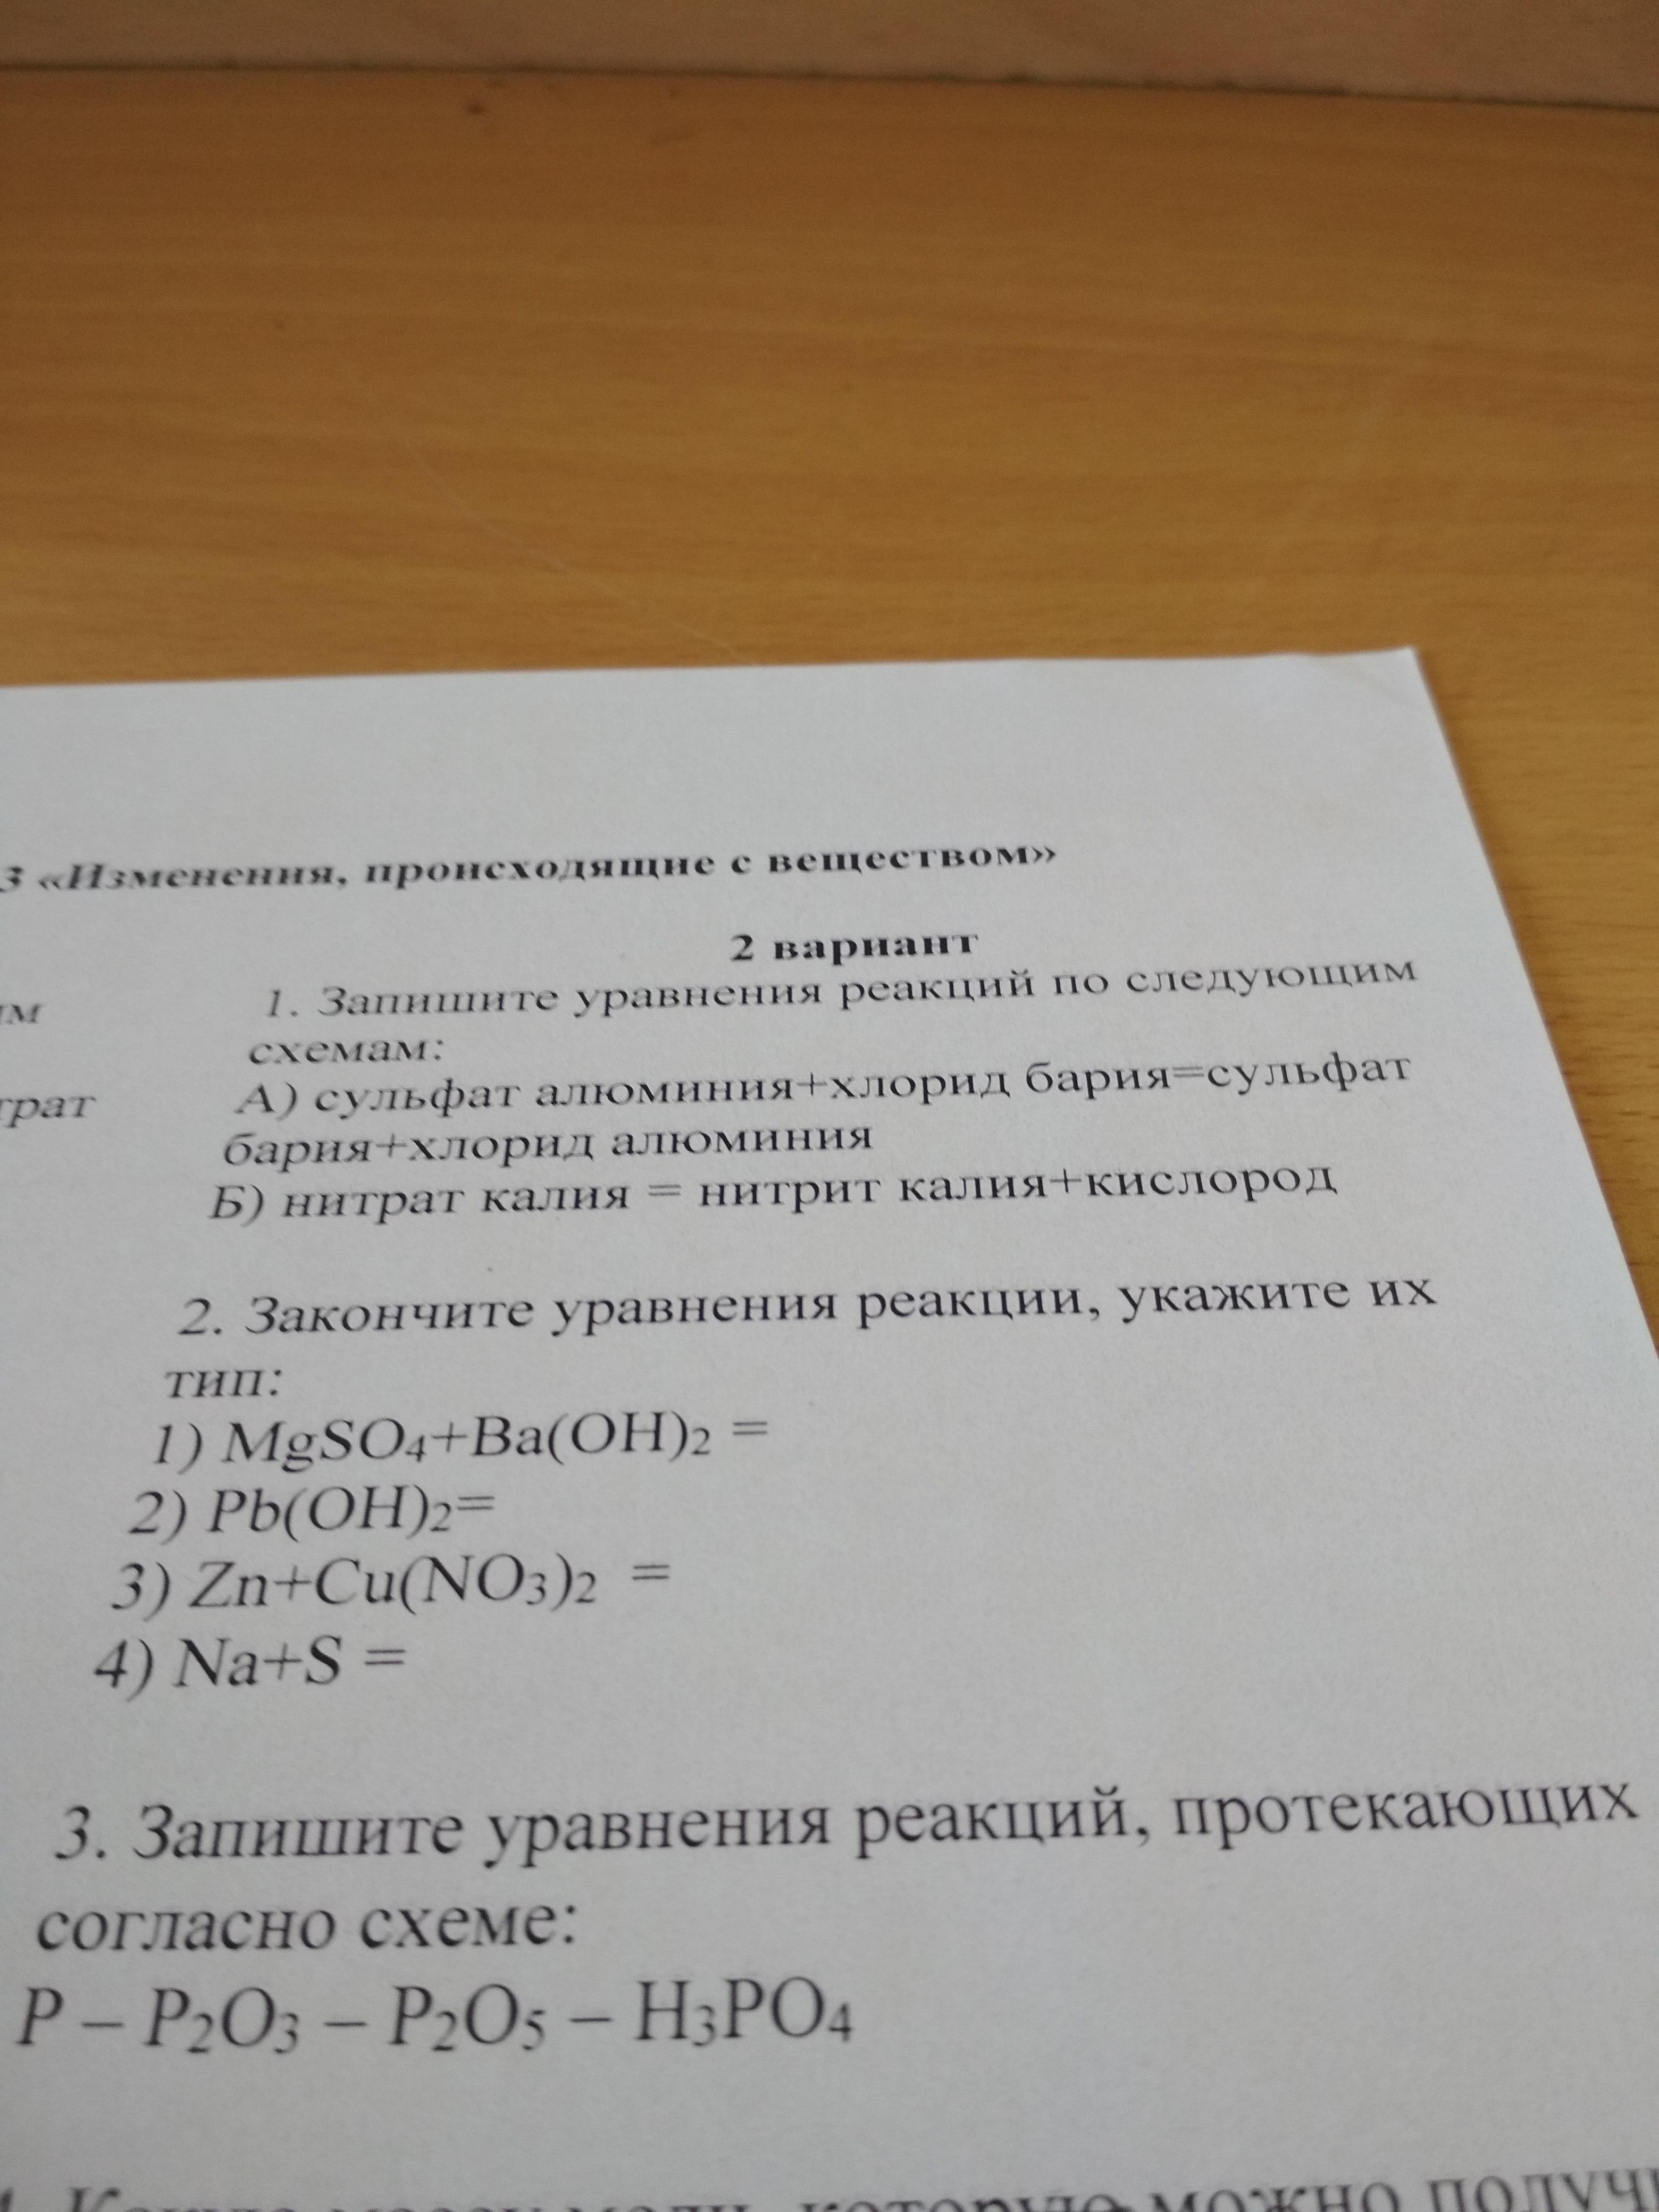 Запишите уравнения реакций протекающих согласно схемам фото 273